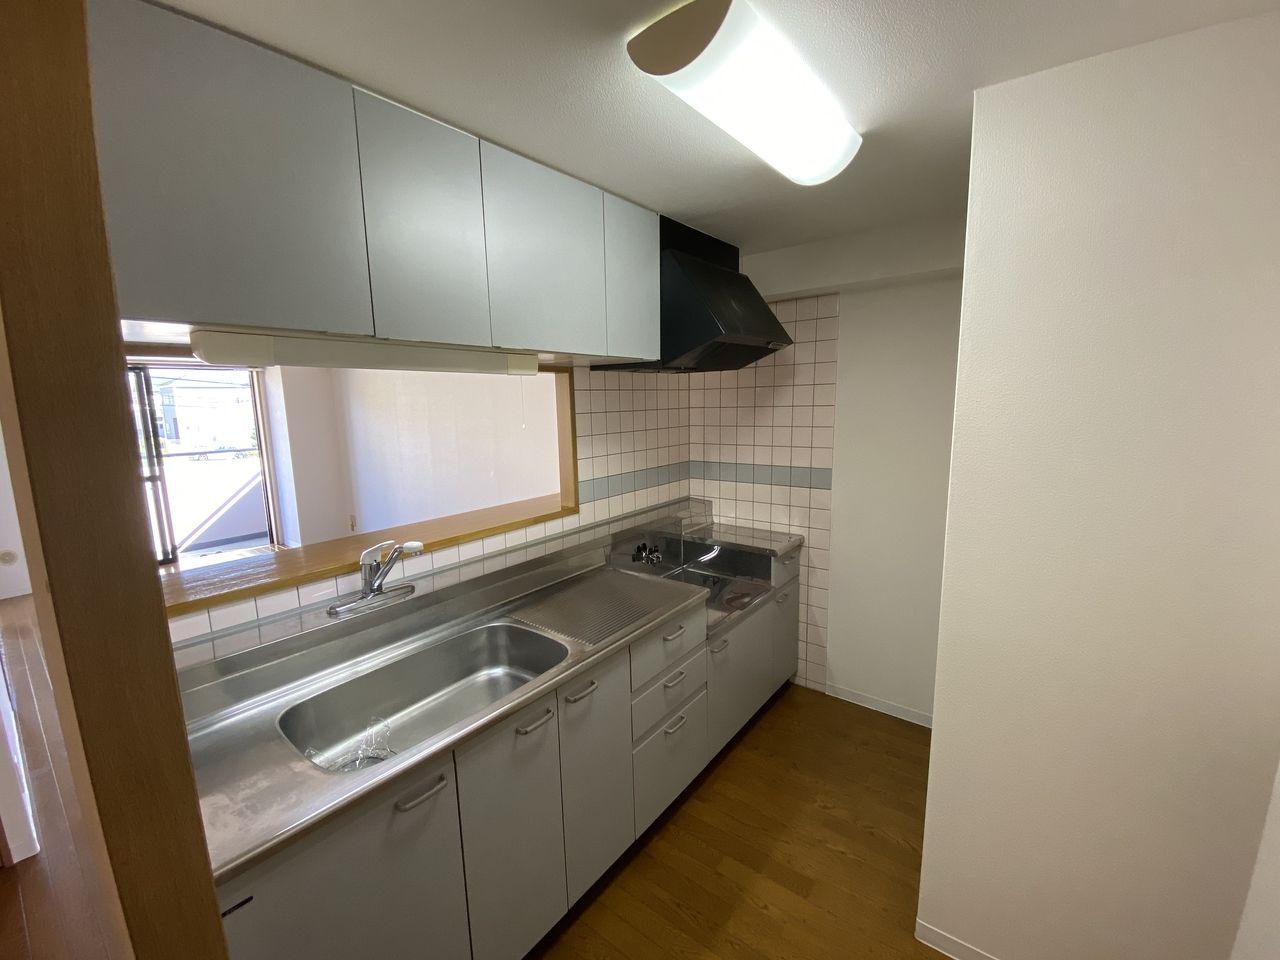 横浜市青葉区美しが丘4-22-5・「アドバンスヴィラ」201号室・カウンター・キッチン内